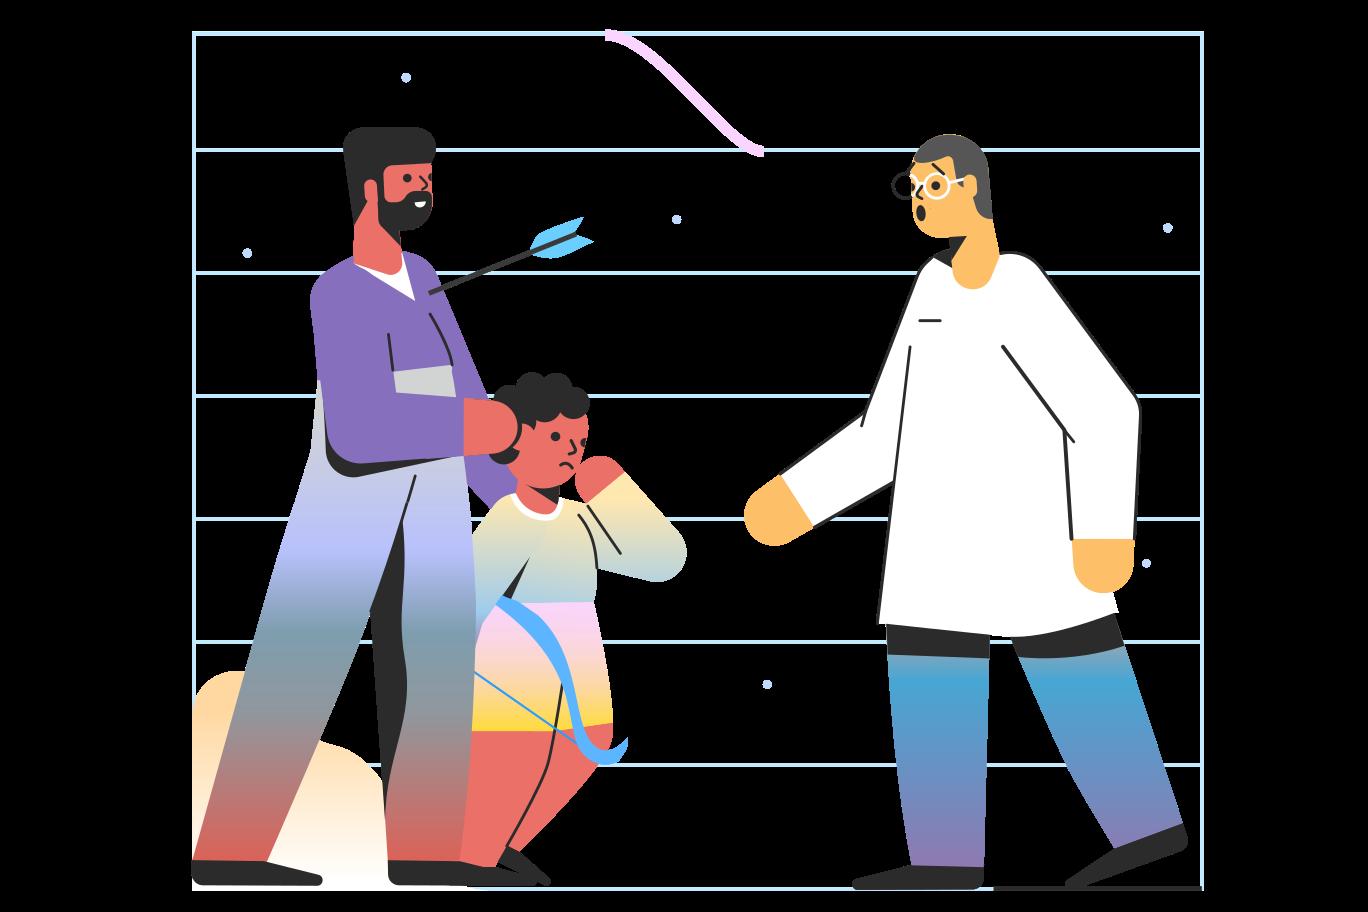 Misadventure Clipart illustration in PNG, SVG